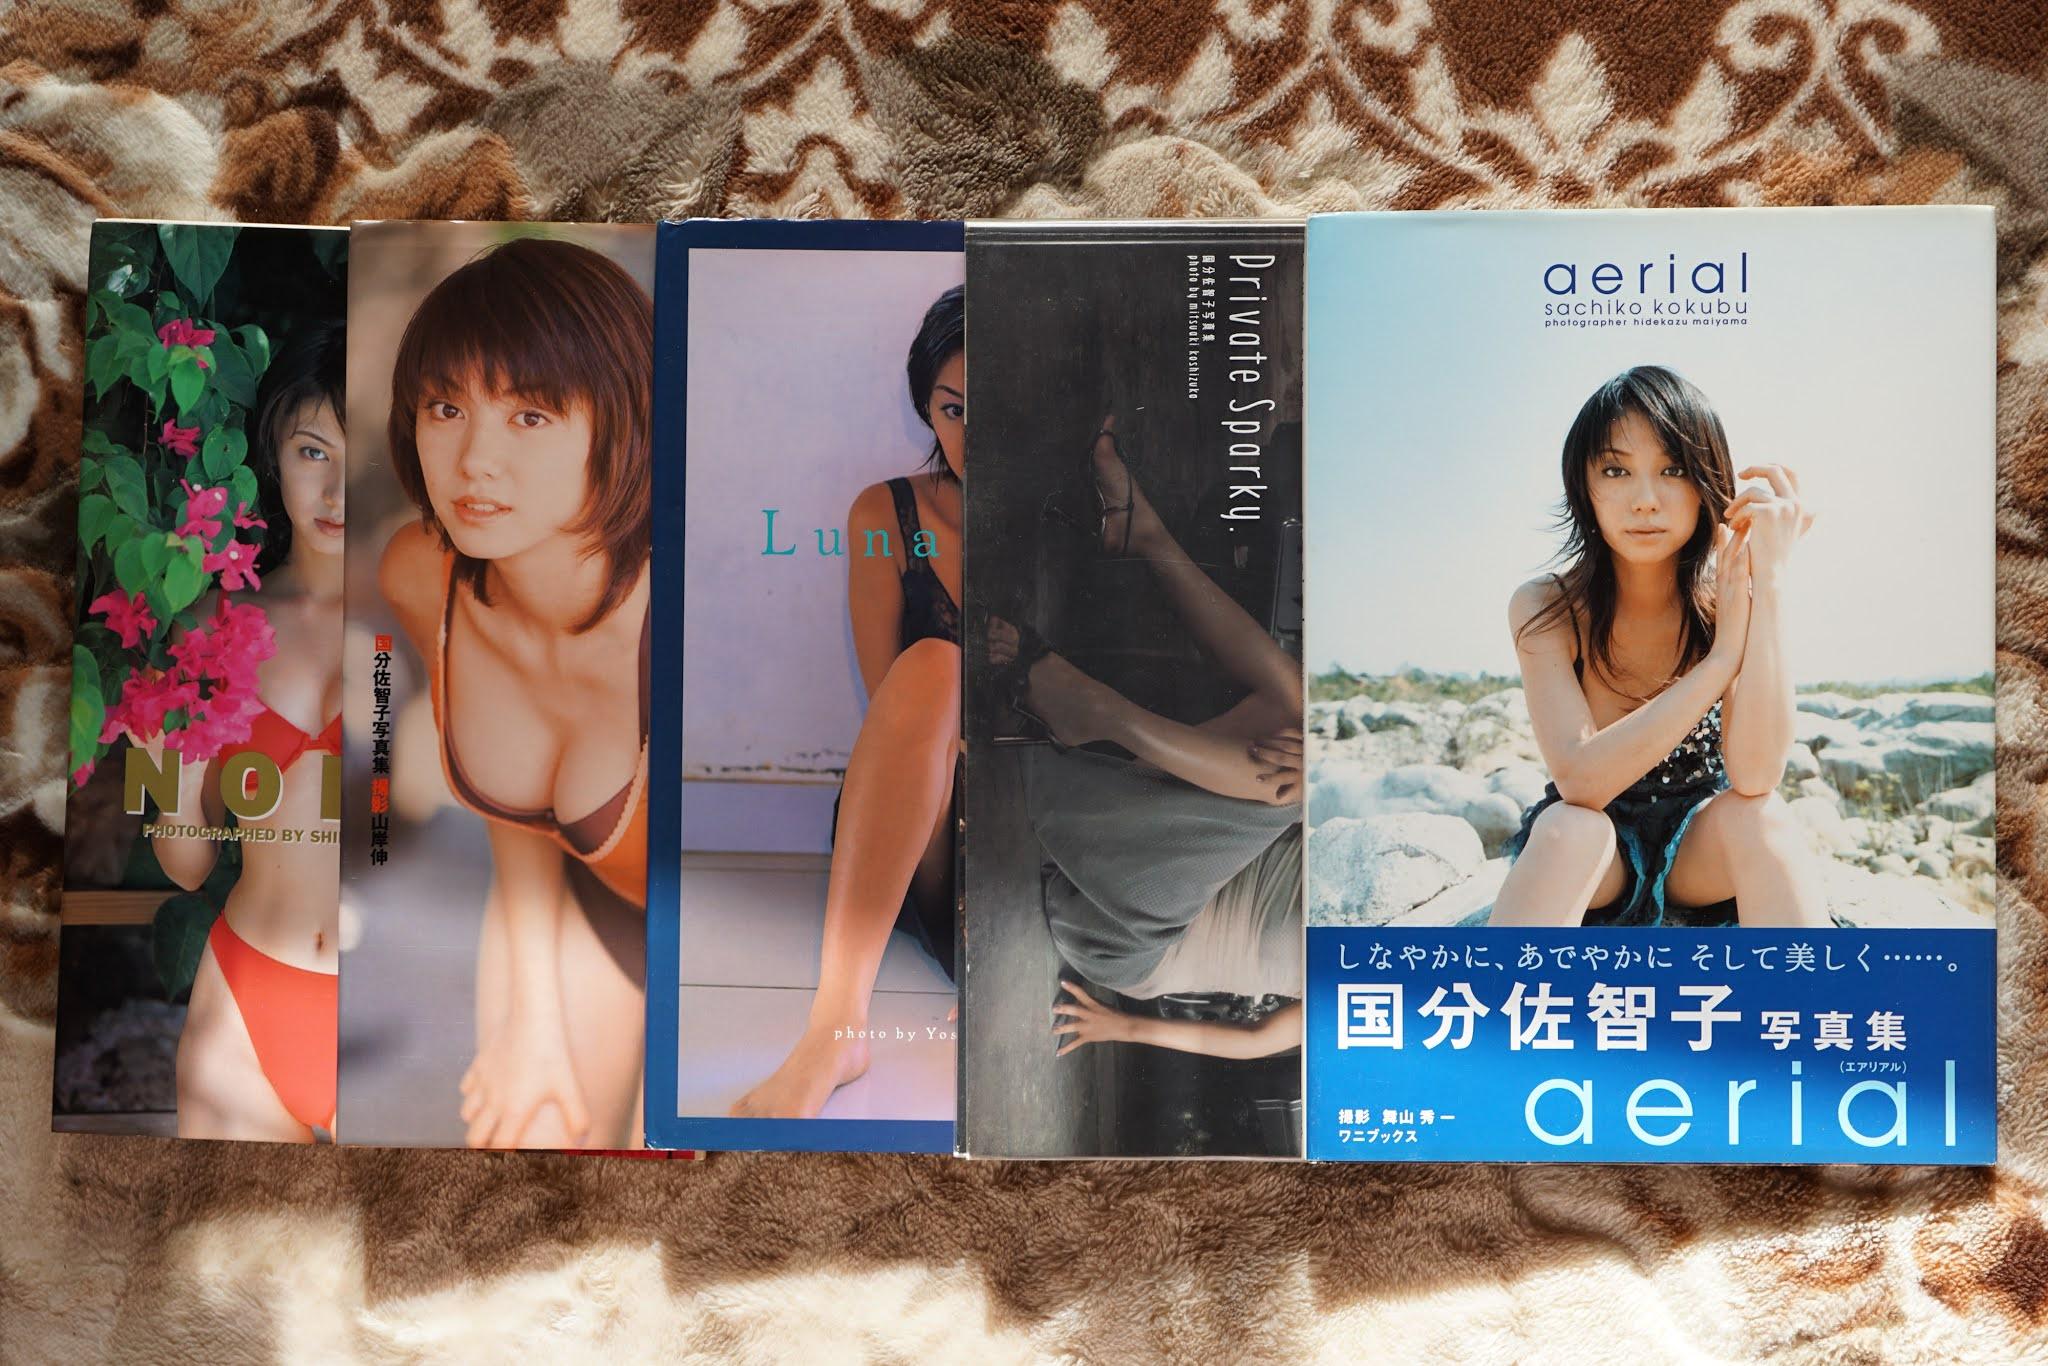 国分佐智子の五冊の写真集